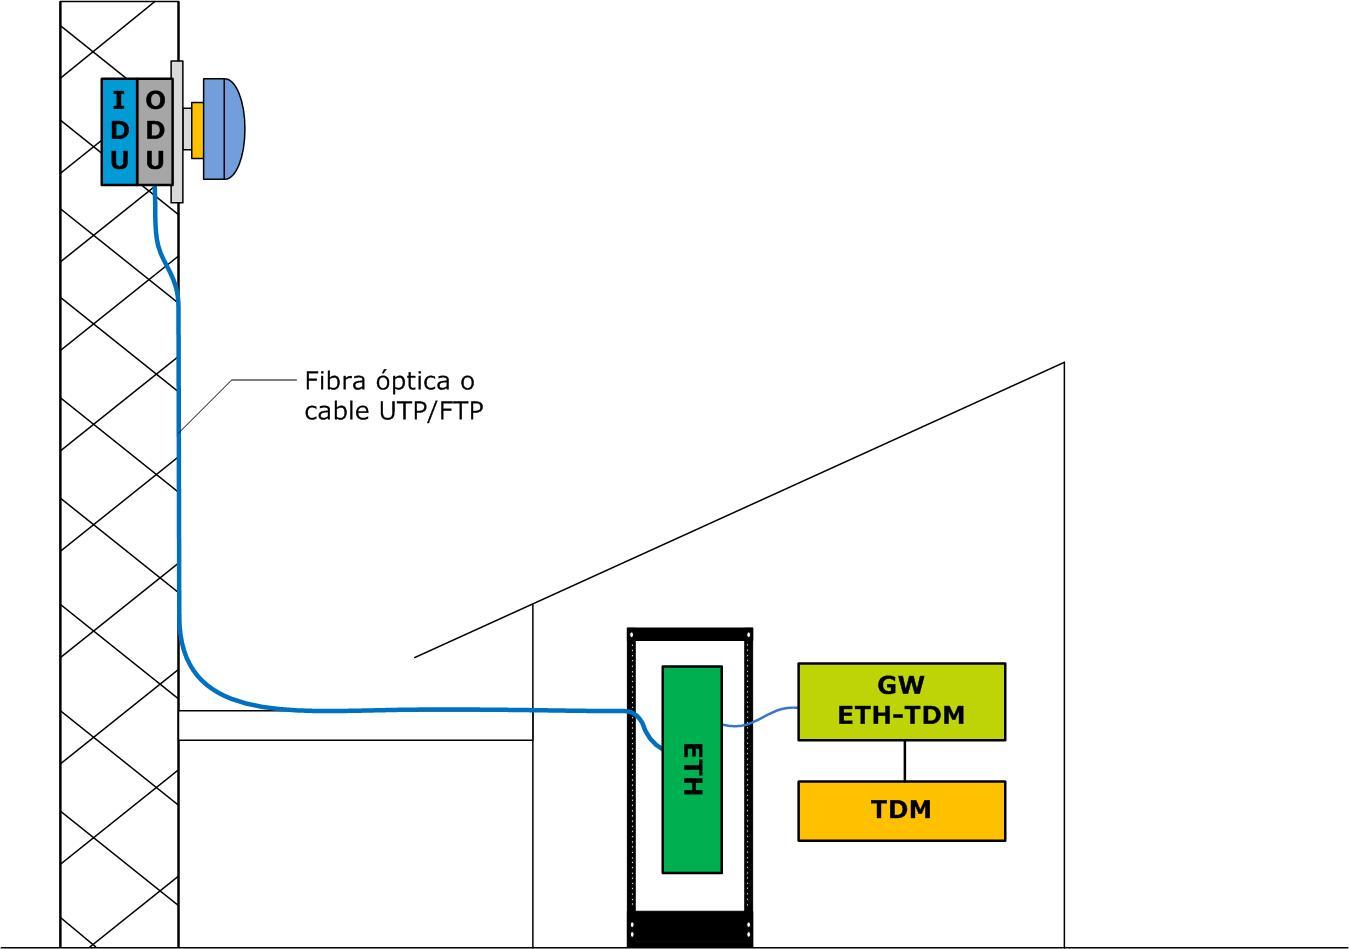 outdoor Radioenlaces microondas en banda licenciada, ¿por dónde empezar?